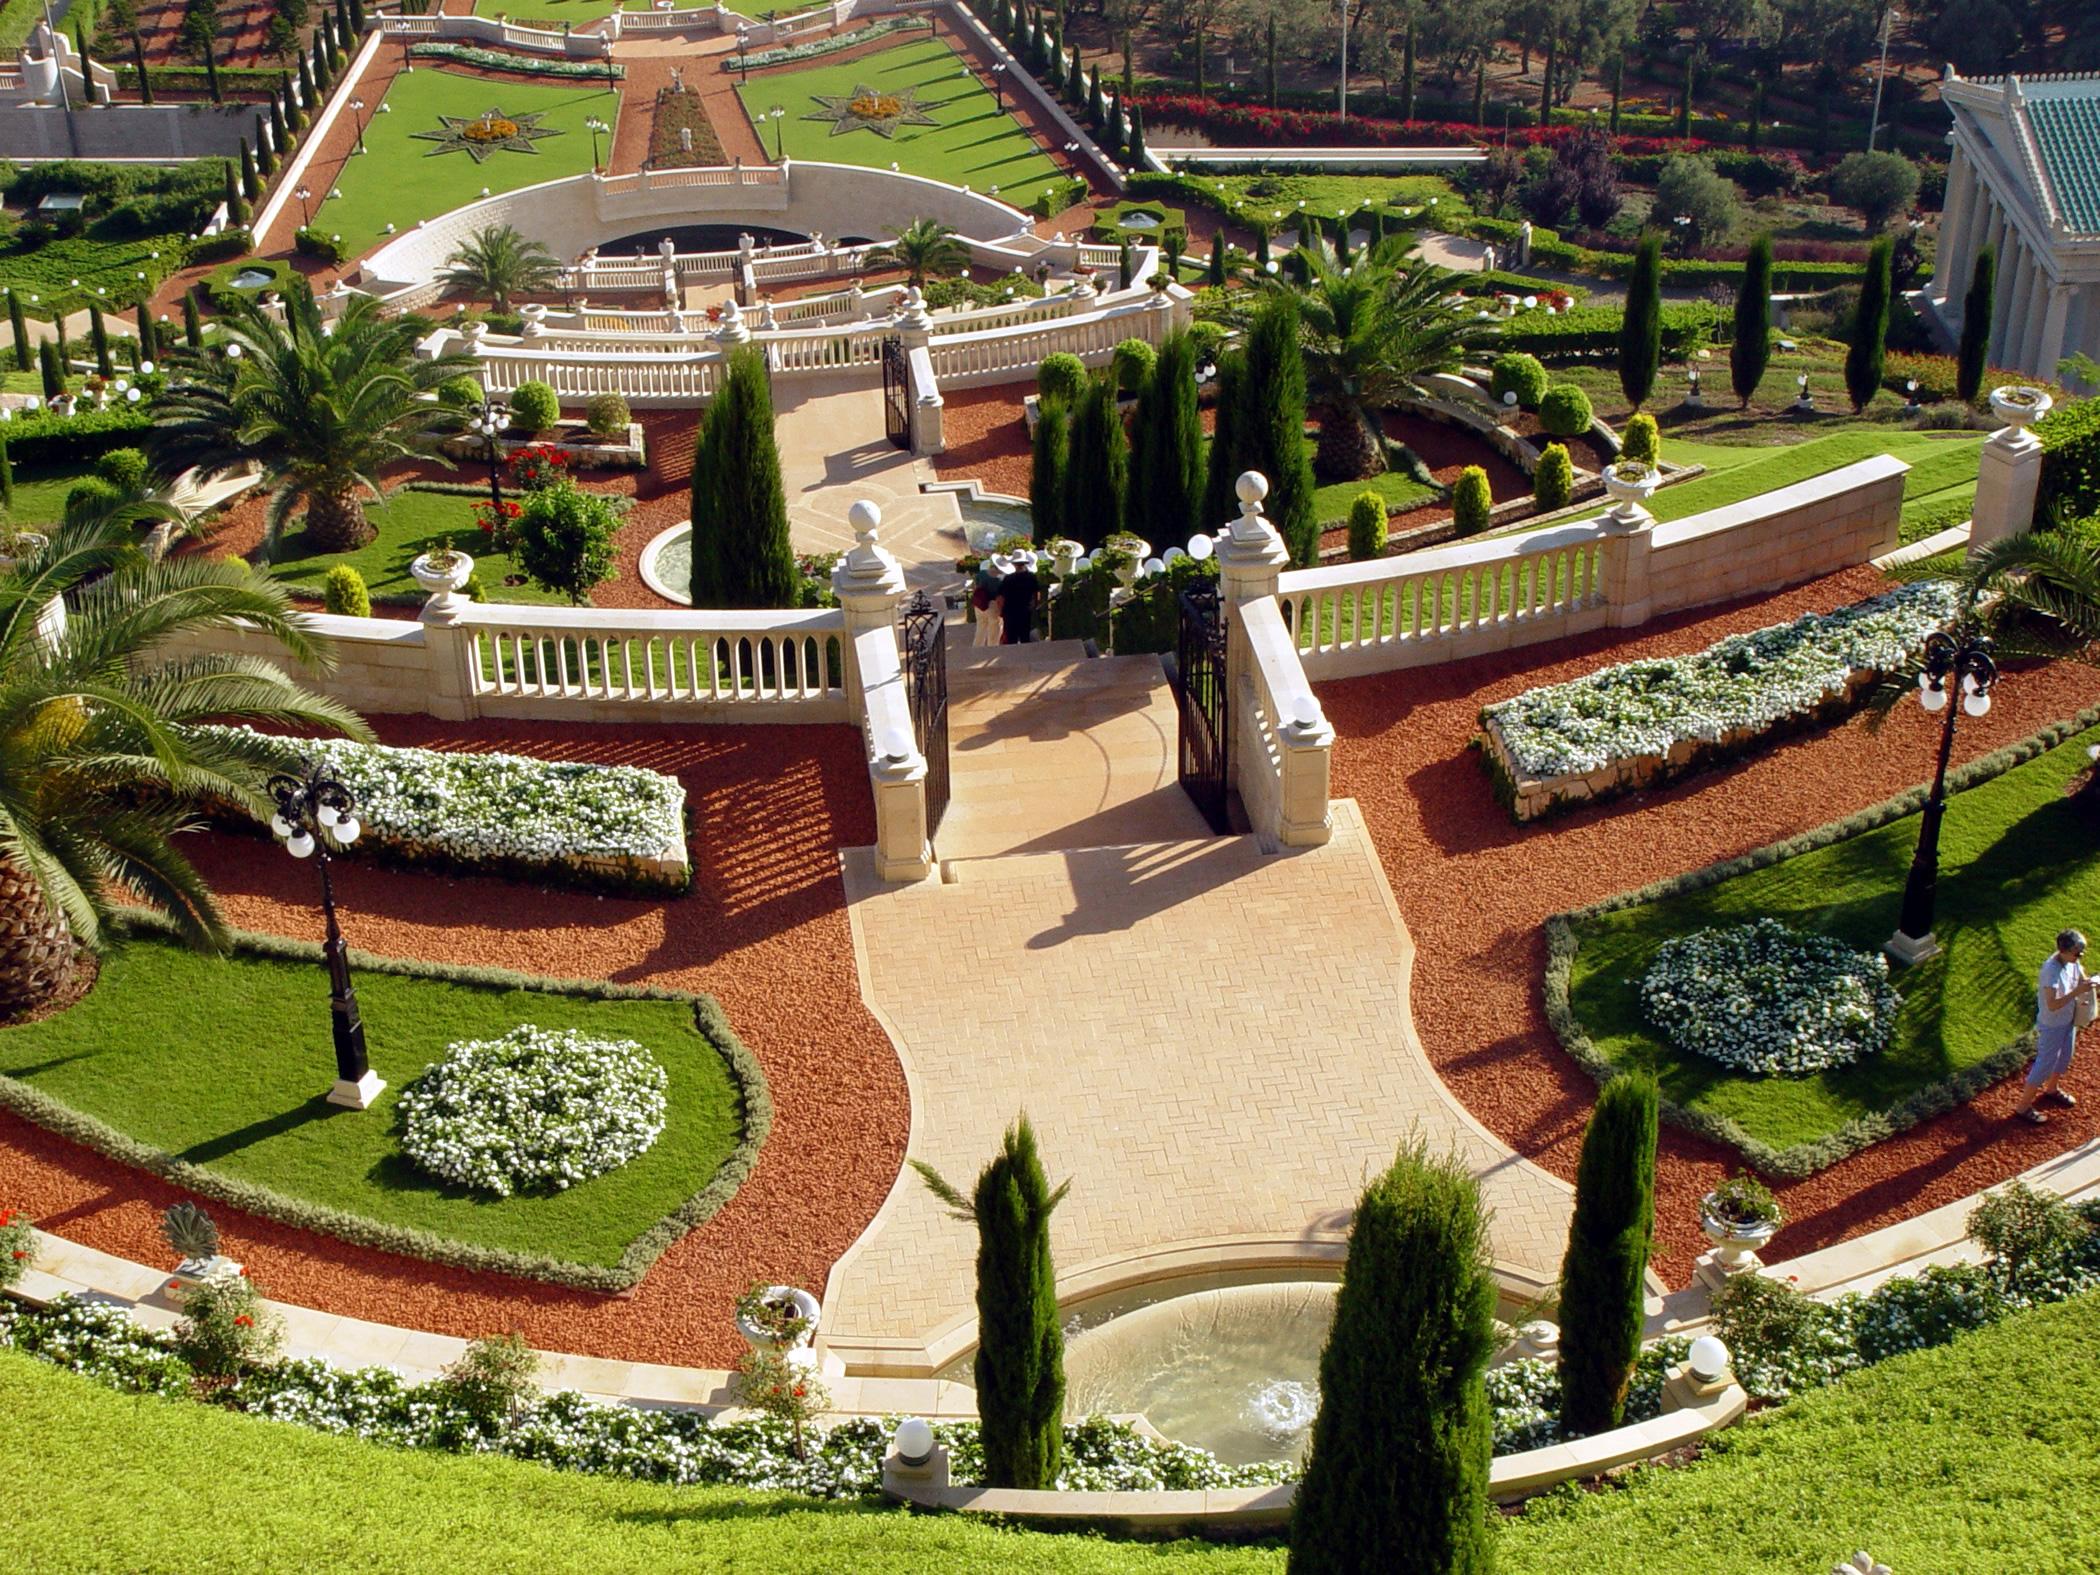 A vörös agyagcserép darabokkal borított út érdekes színvilágot ad a szép kertnek (c) Bahá'í Nemzetközi Közösség media.bahai.org